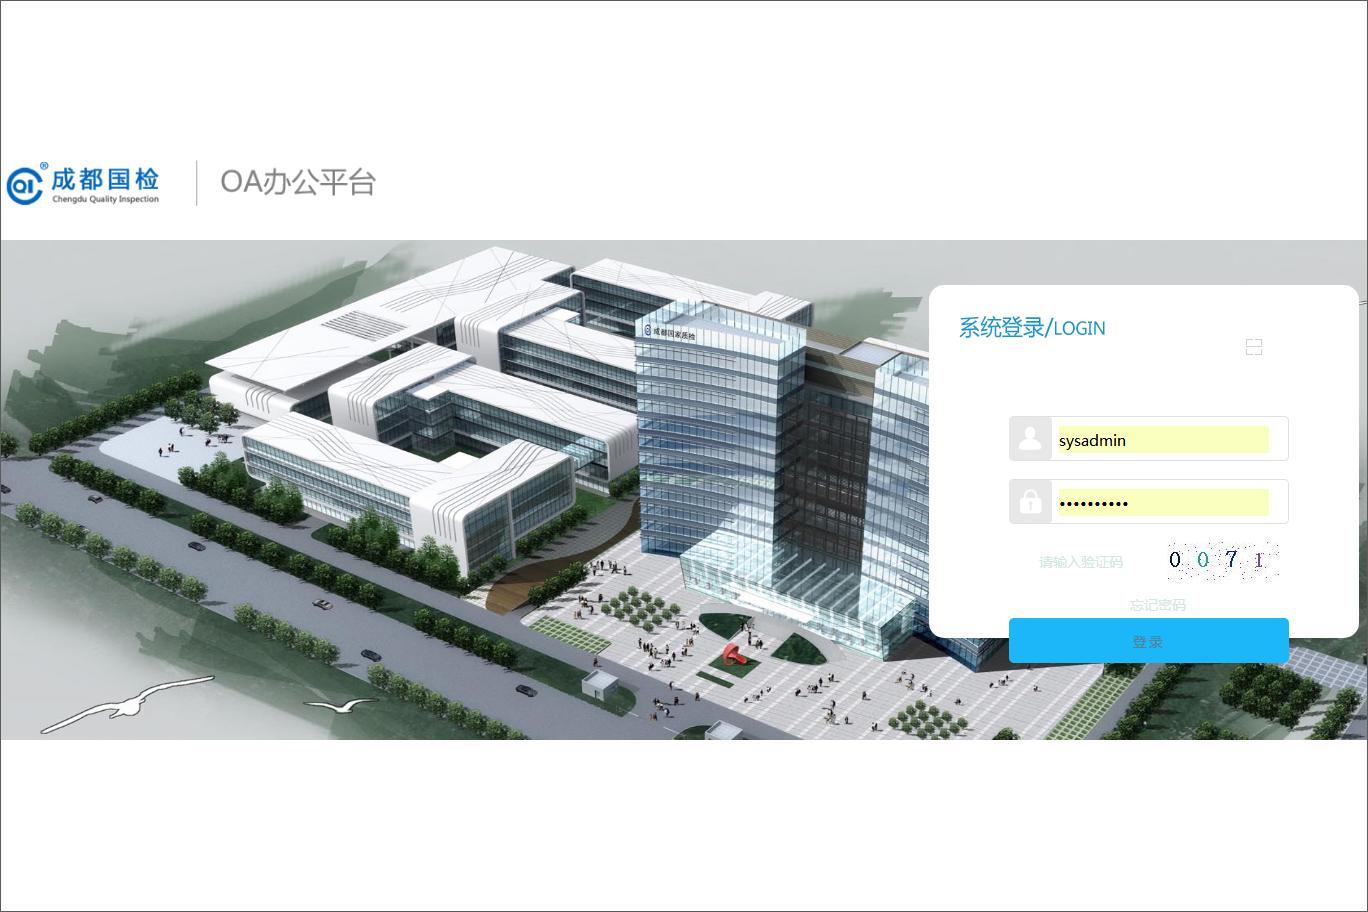 成都市产品质量监督检验院泛微OA系统项目验收